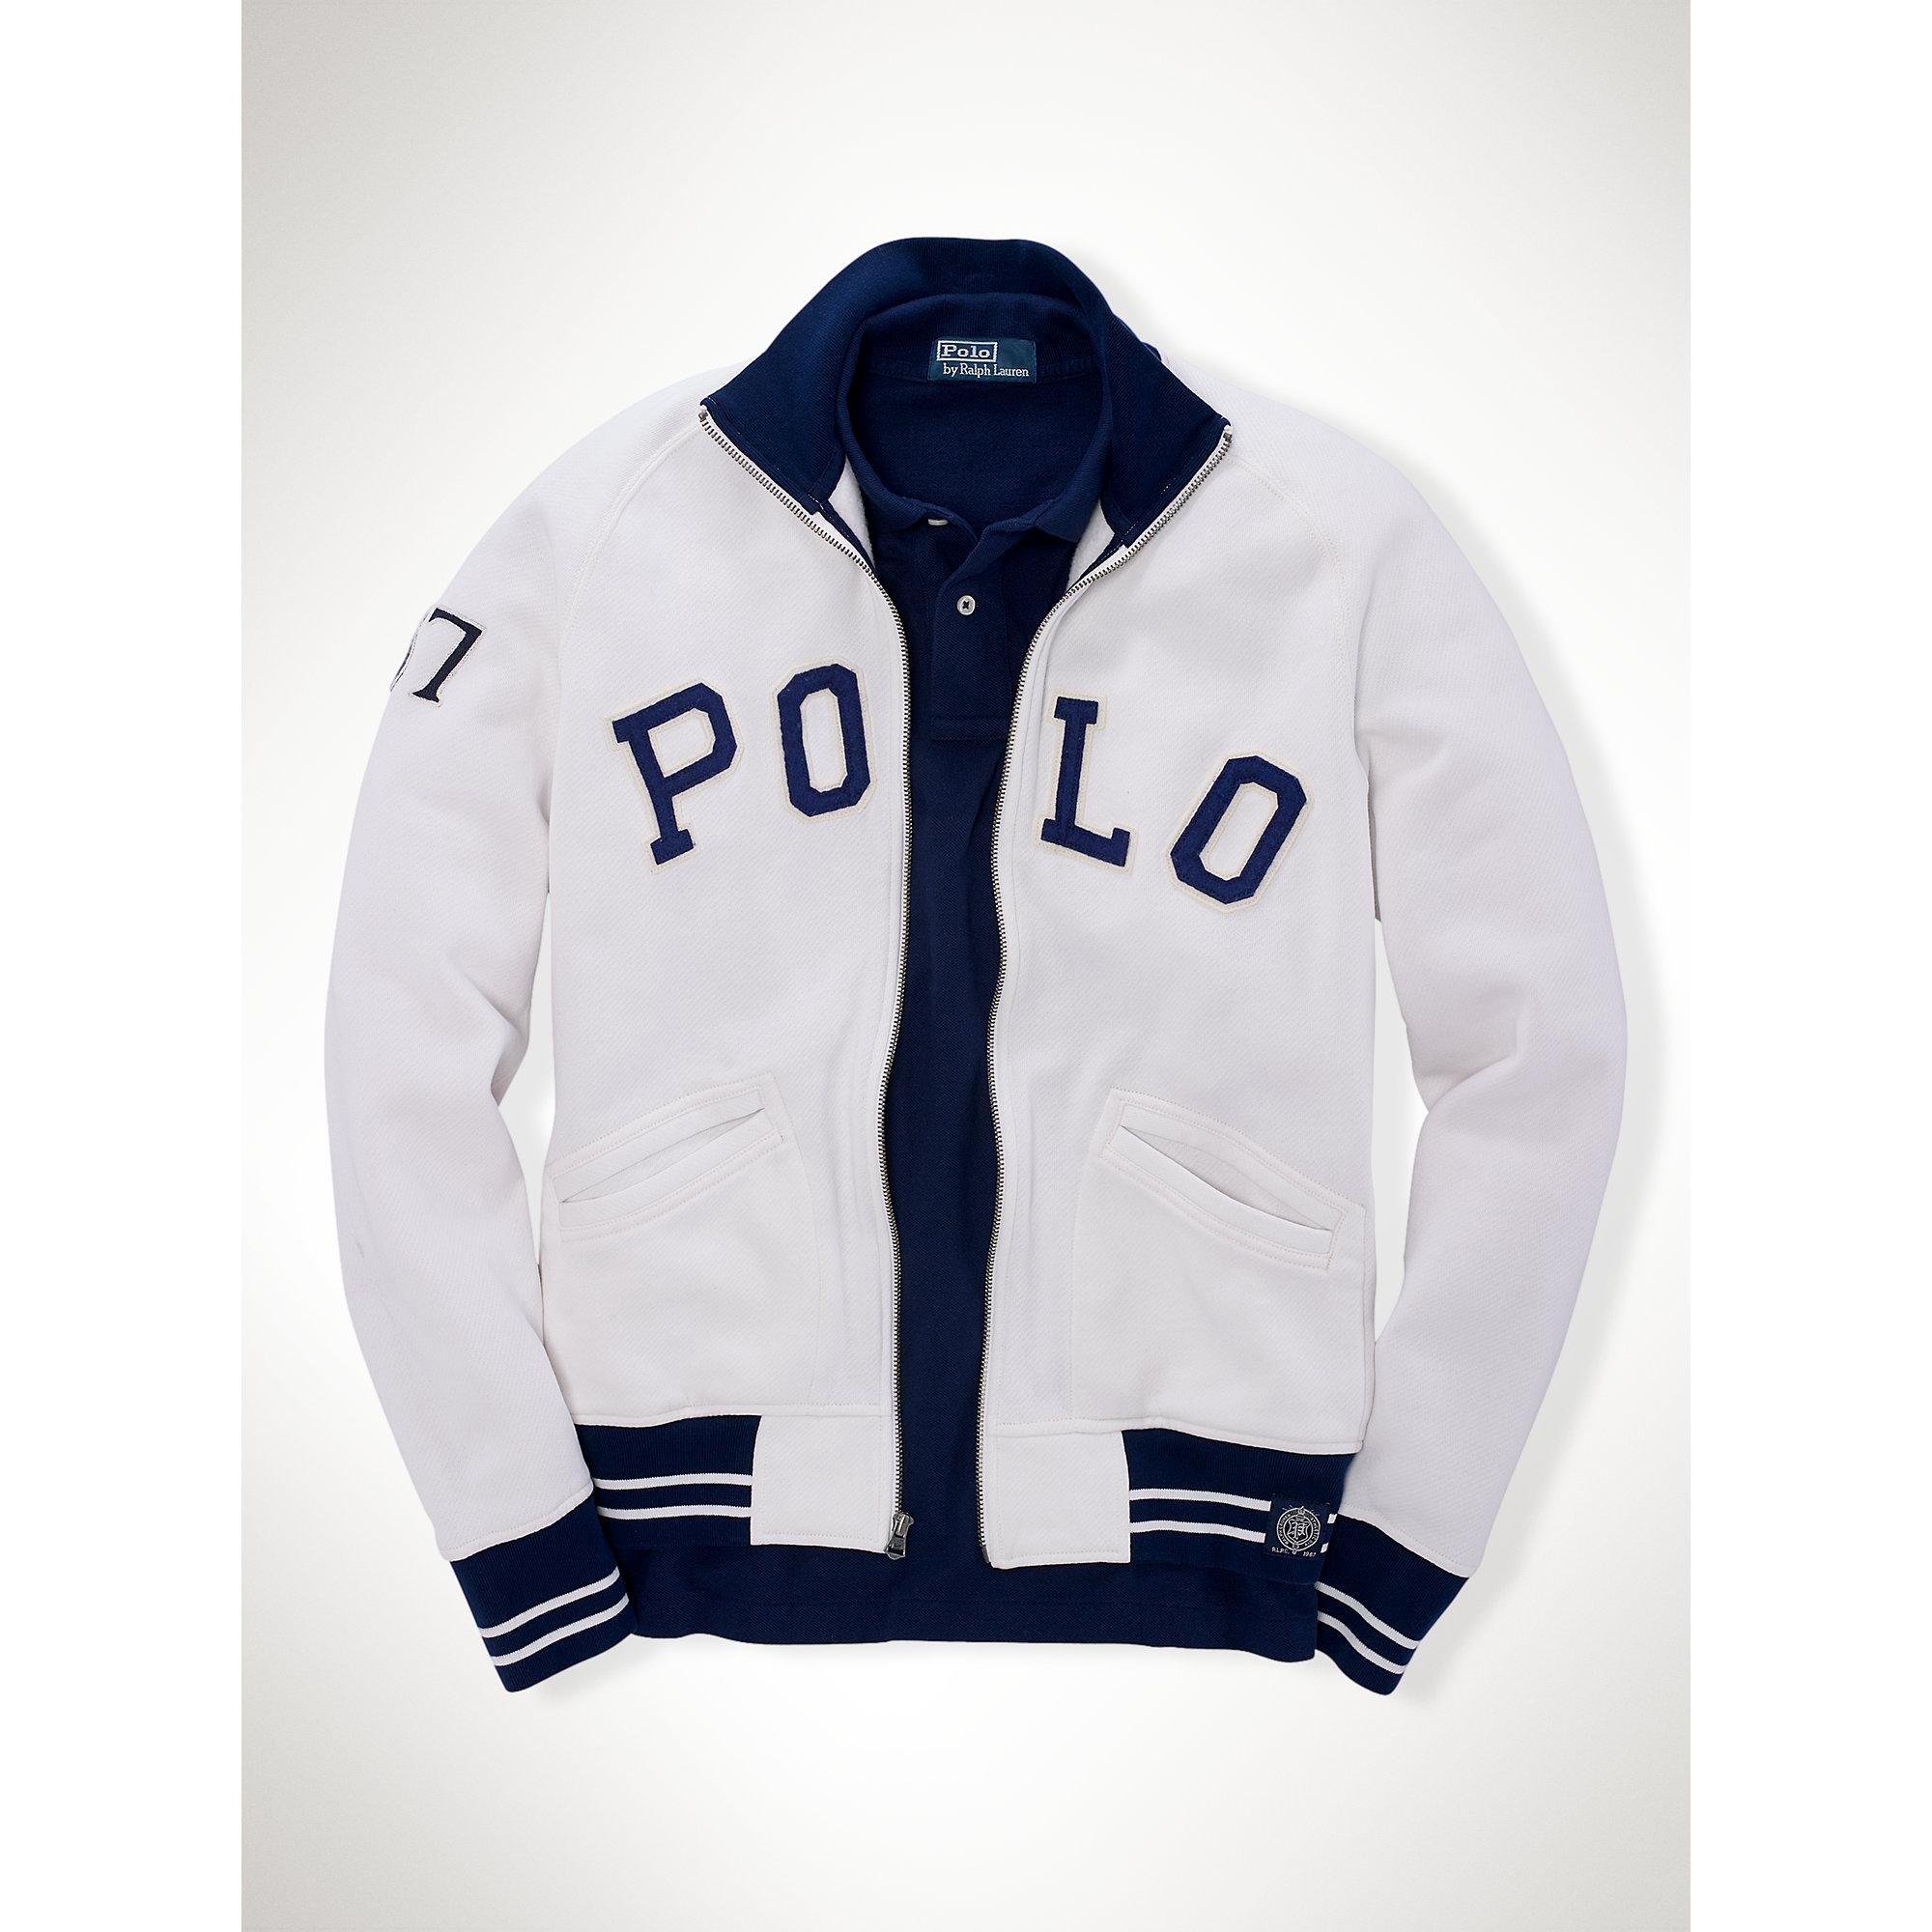 Polo ralph lauren Fleece Baseball Jacket in White for Men | Lyst